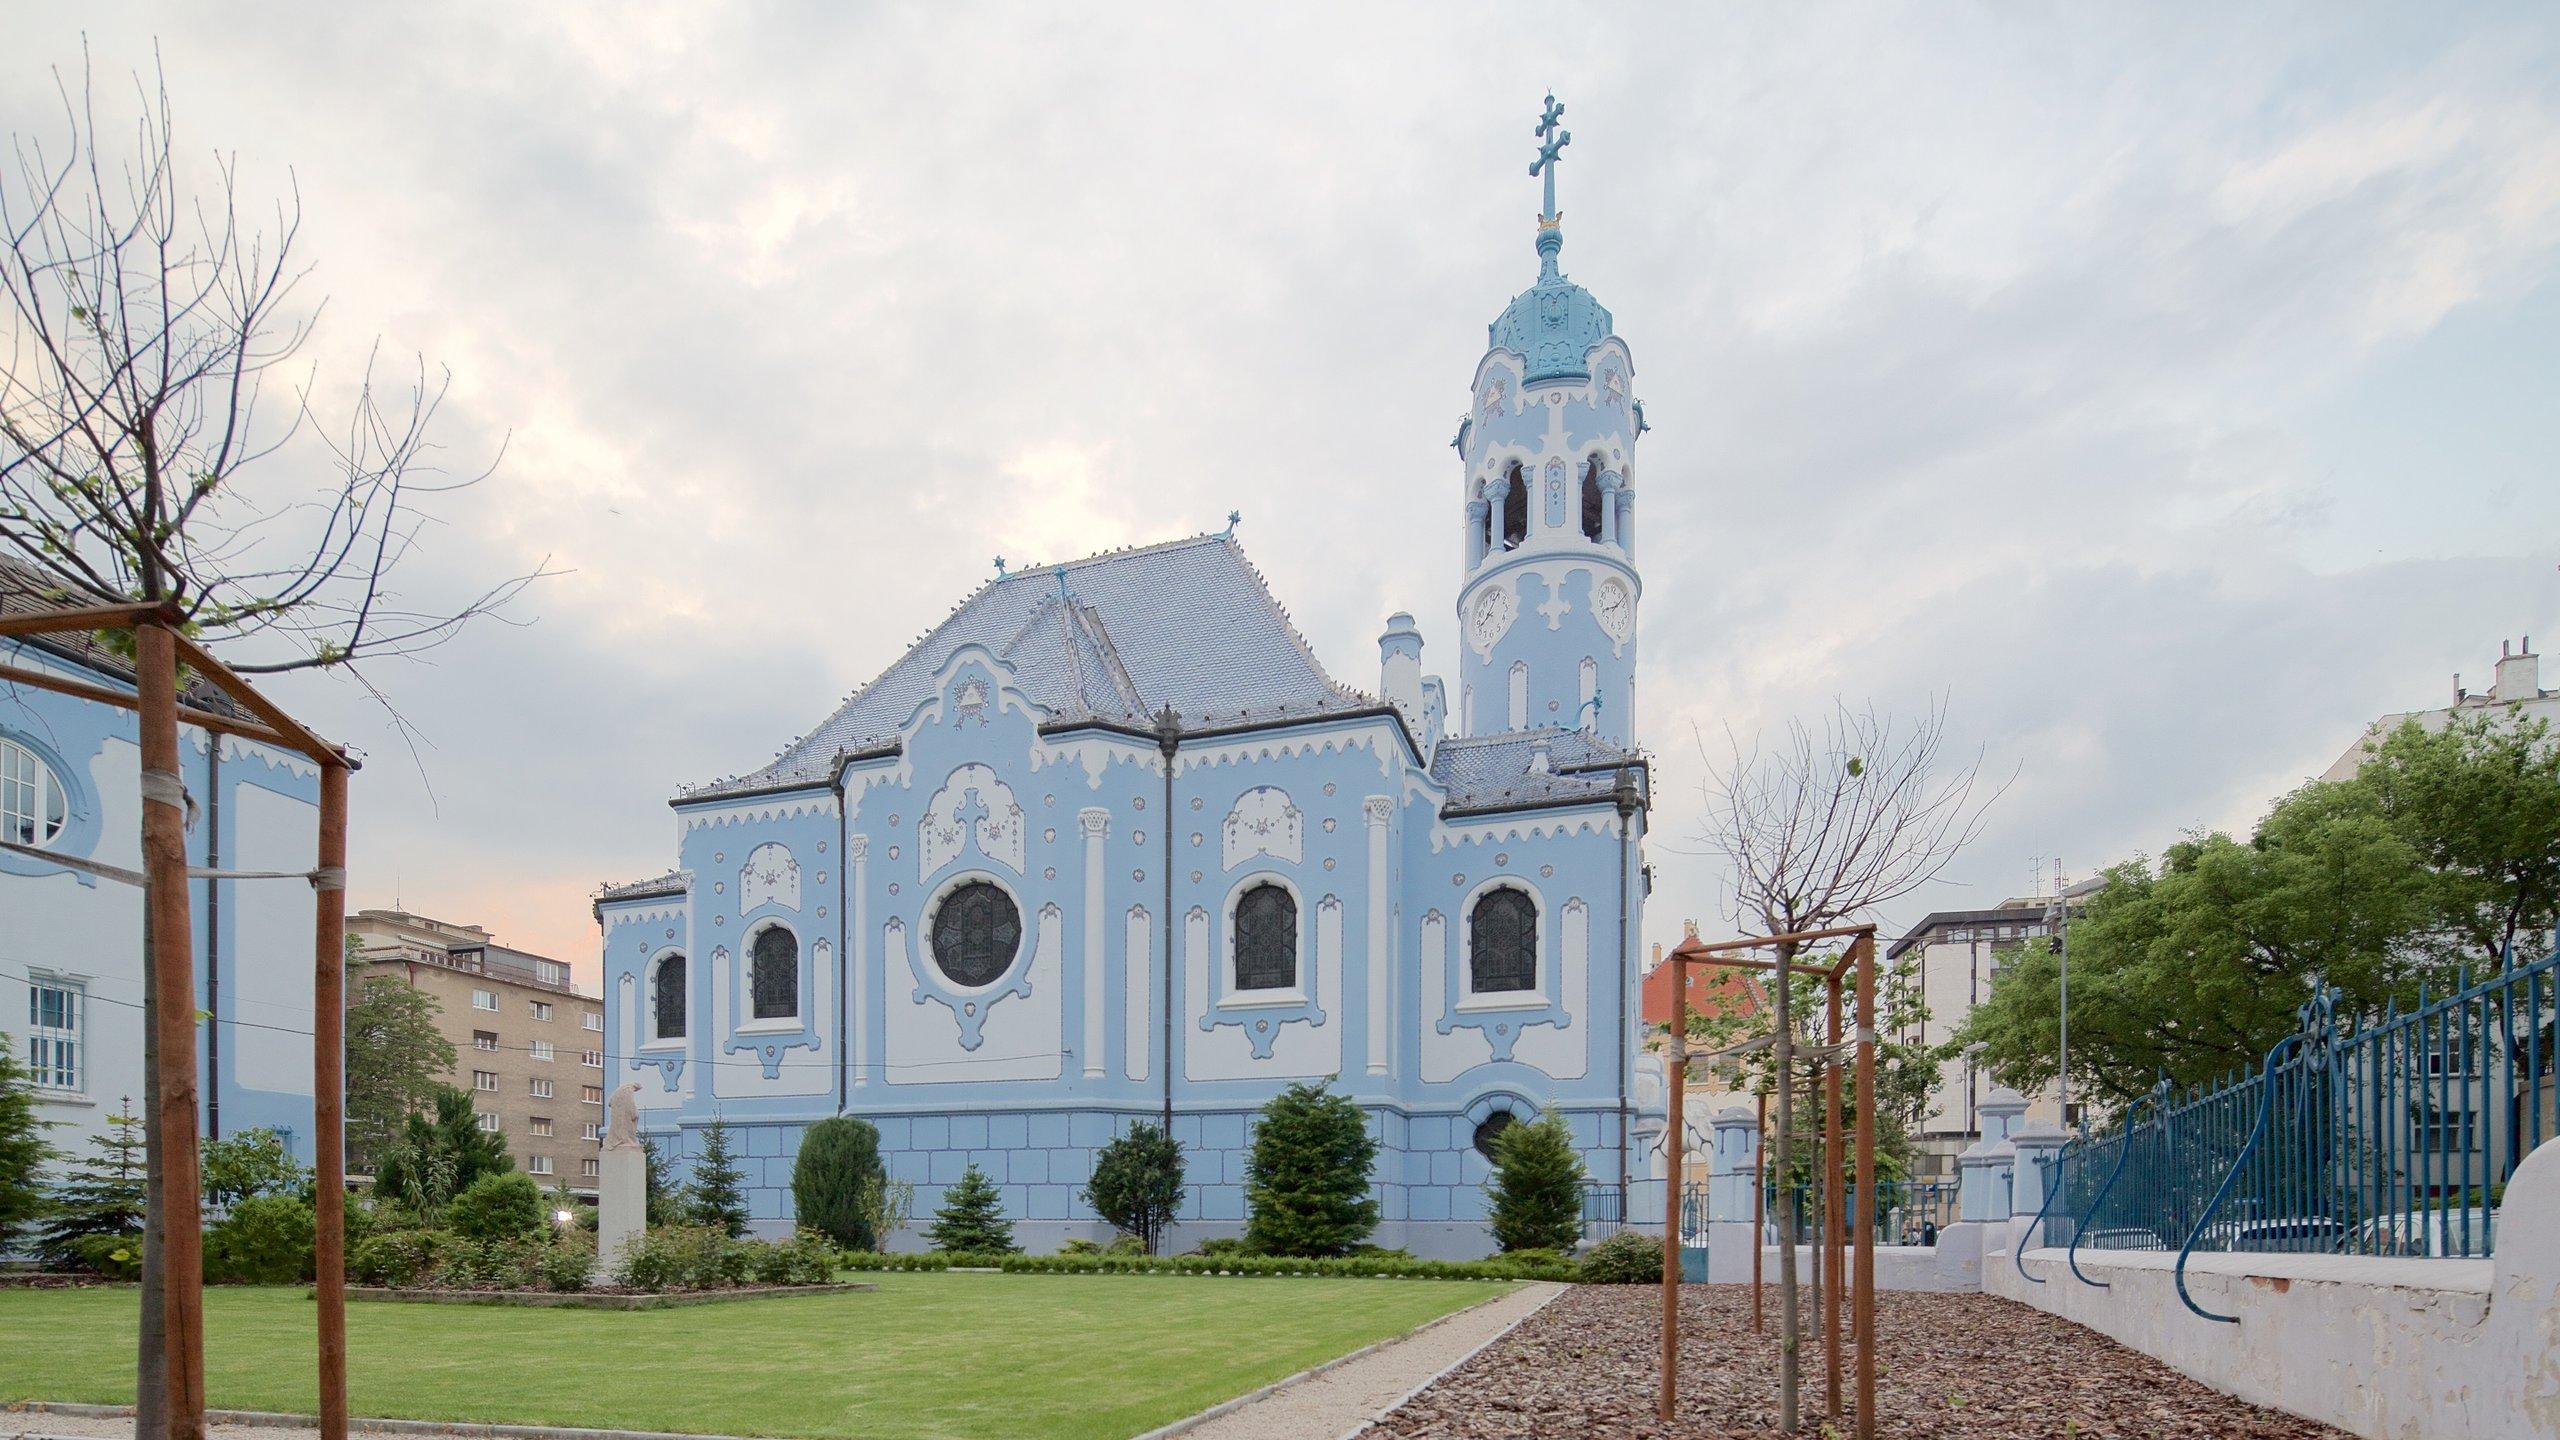 Met zijn kleurrijke binnen- en buitenkant behoort de uit het begin van de 20e eeuw stammende Blauwe Kerk tot de grootste blikvangers van de stad.